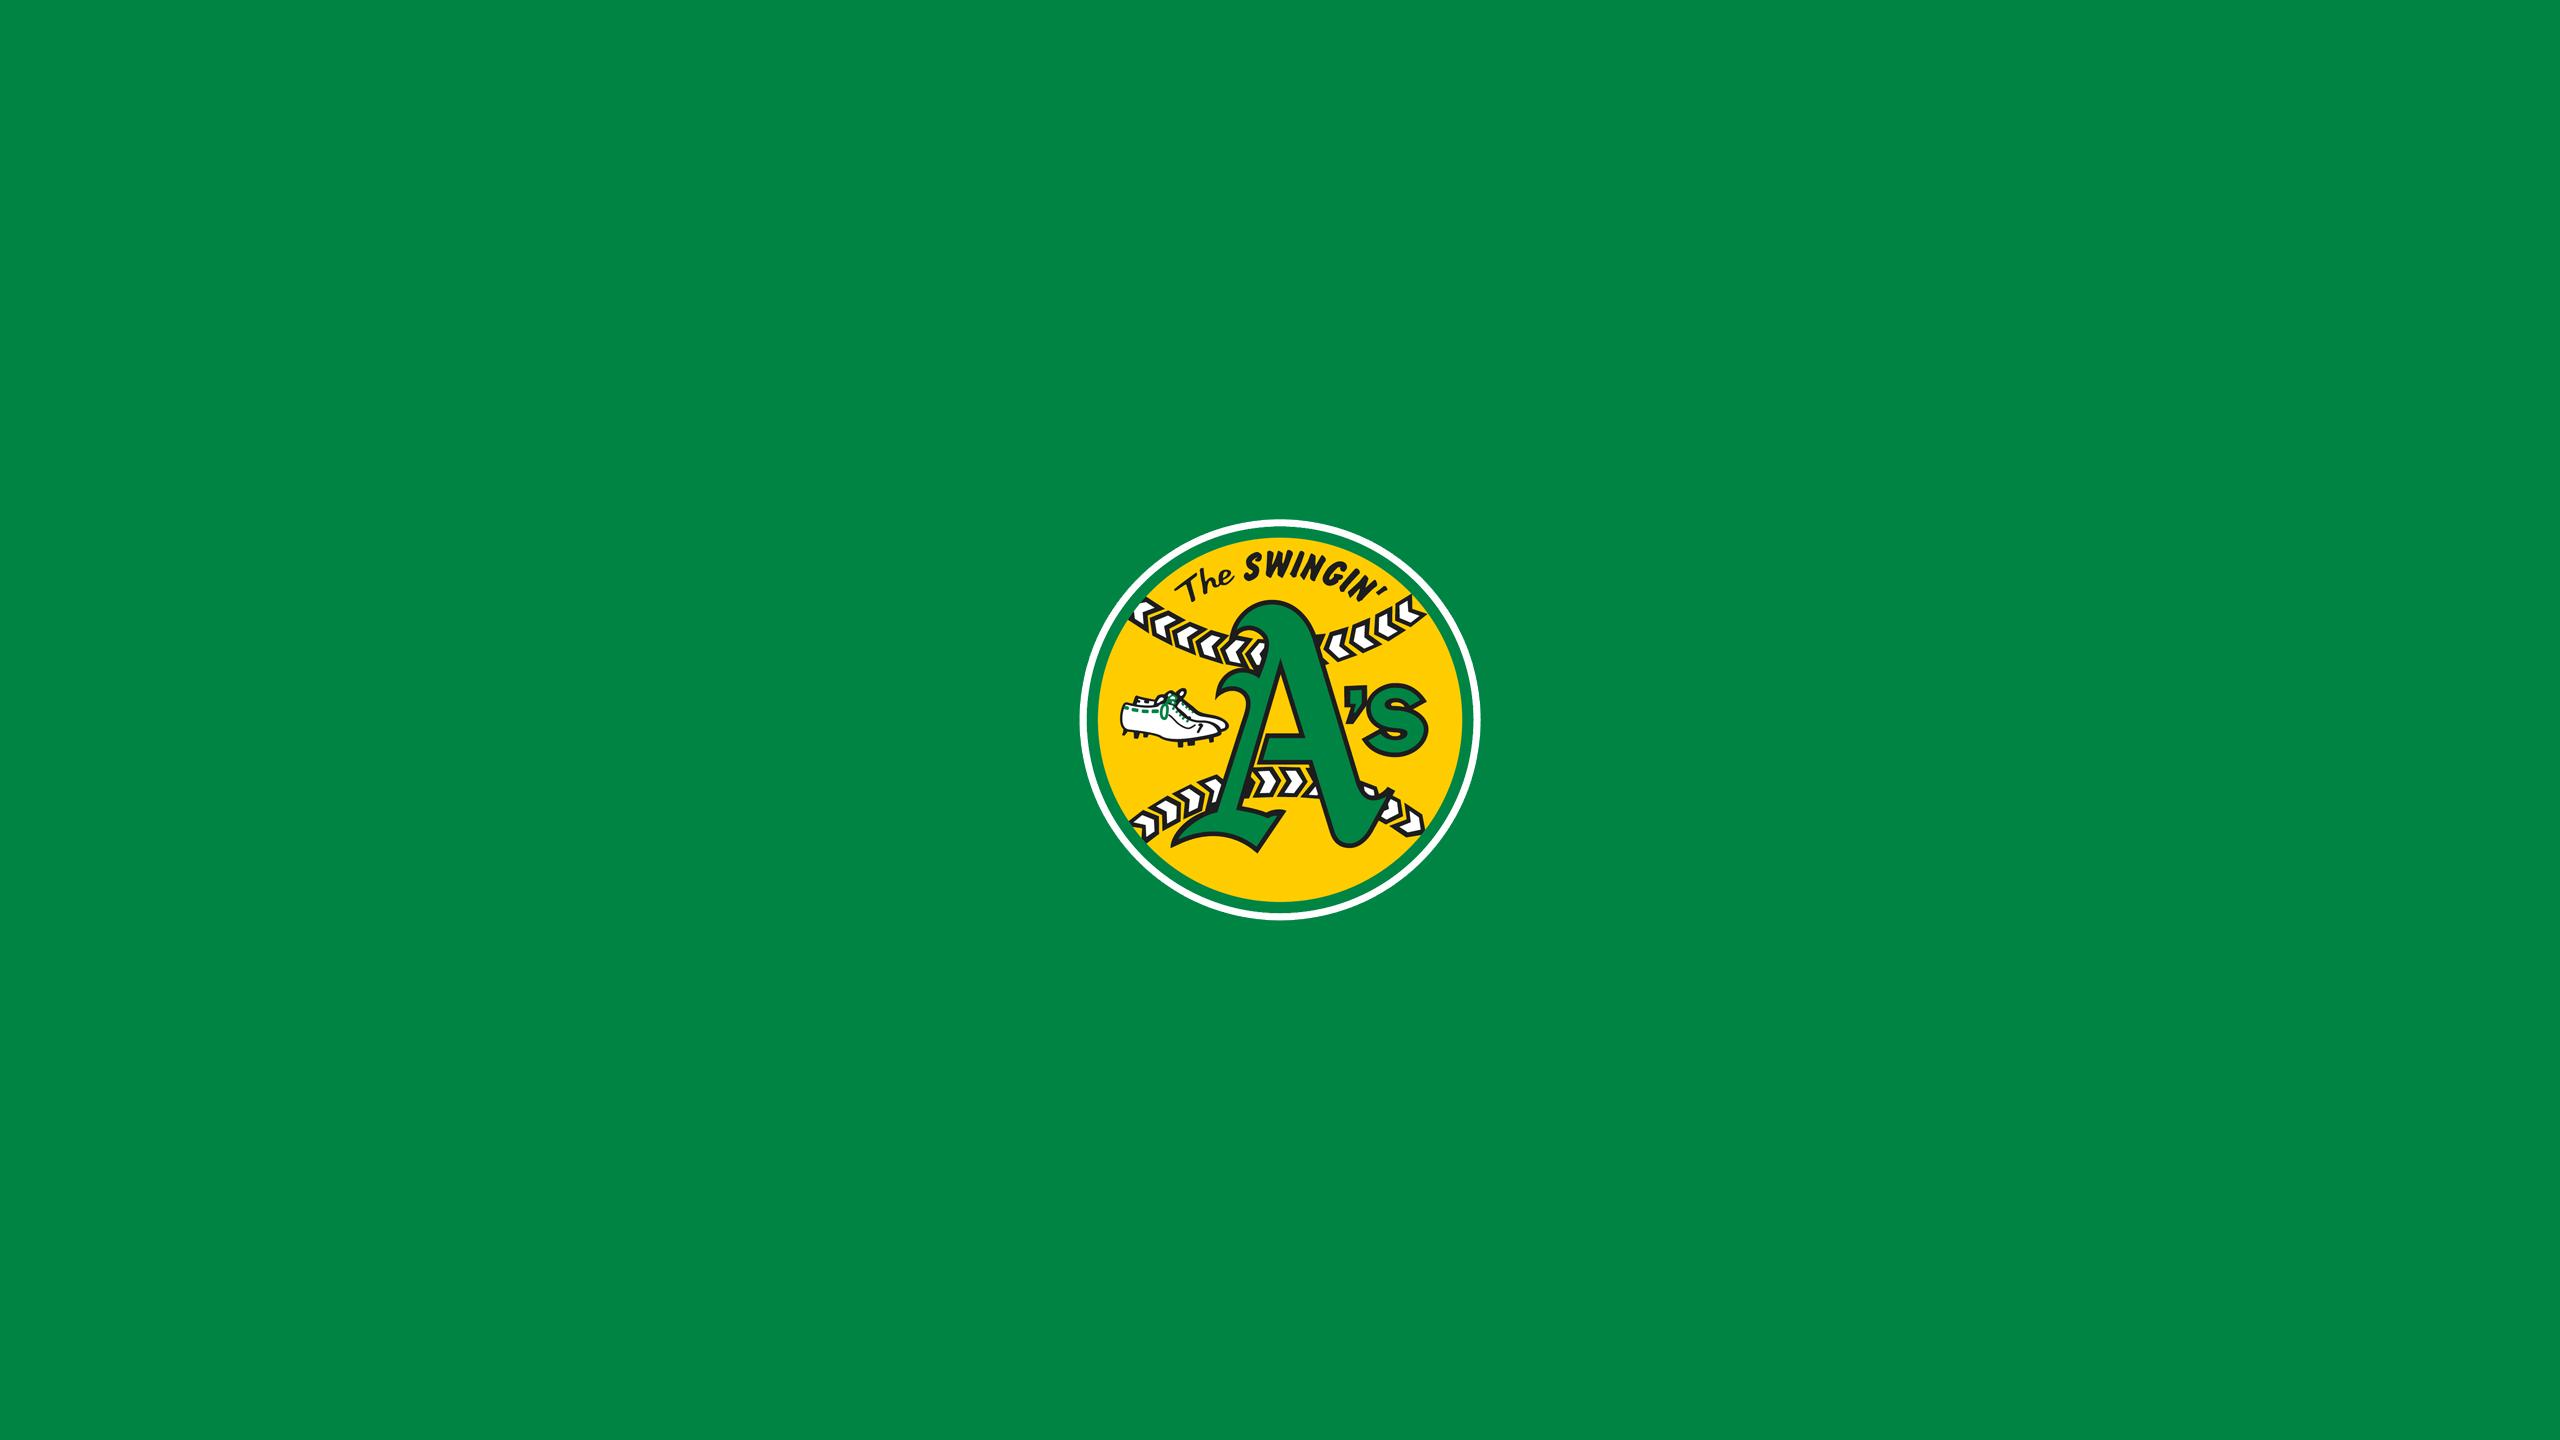 Oakland A's (Swingin')